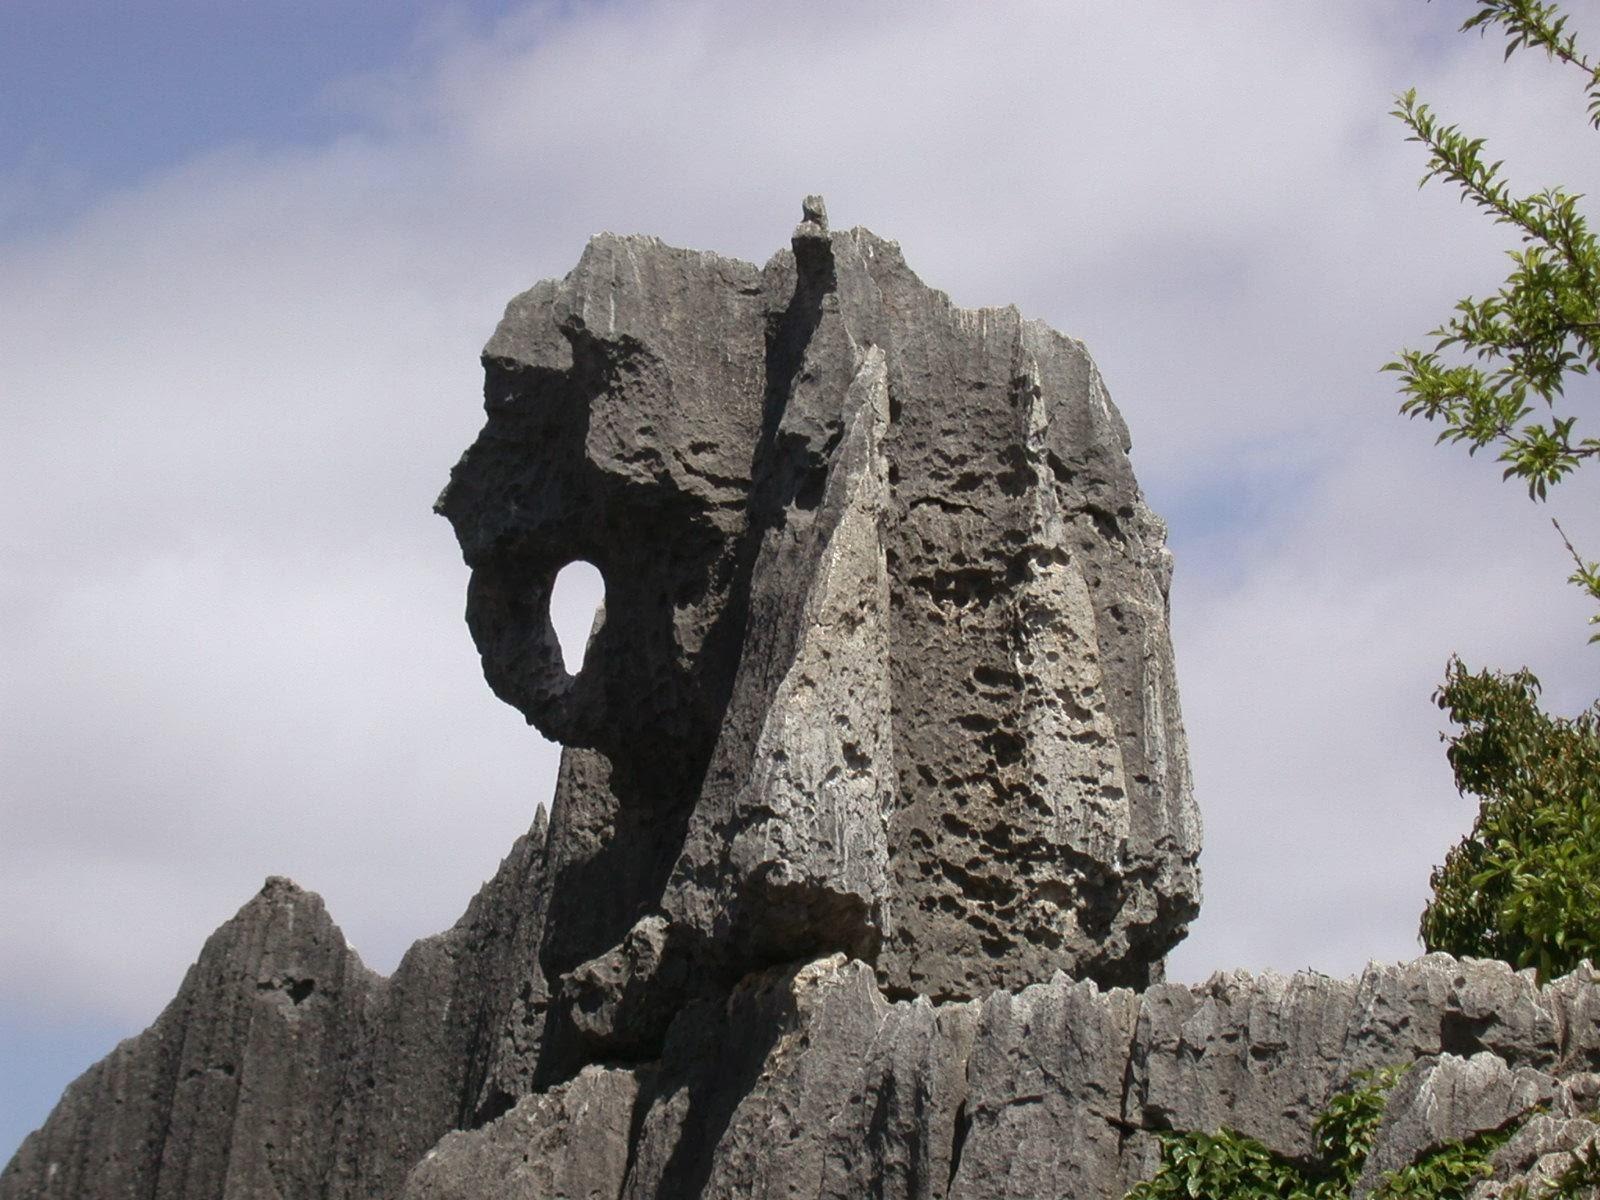 penampakan batuan raksasa yang menyerupai gajah